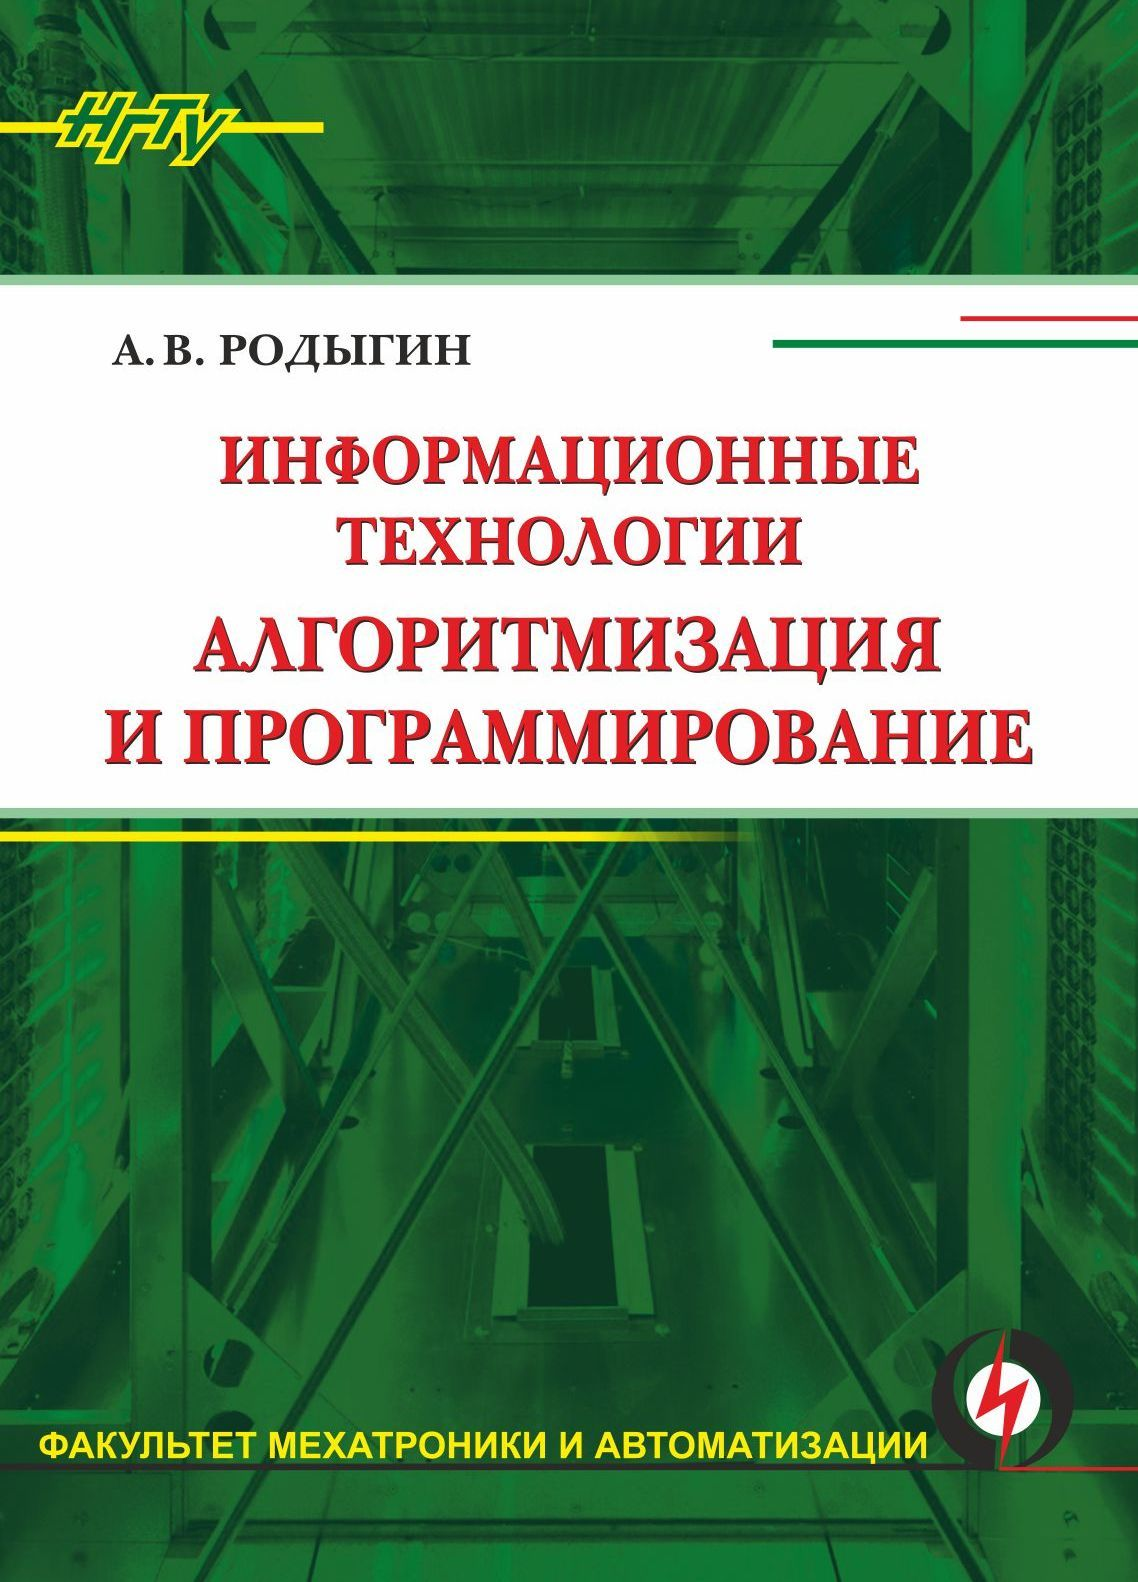 Александр Родыгин Информационные технологии. Алгоритмизация и программирование марксизм не рекомендовано для обучения